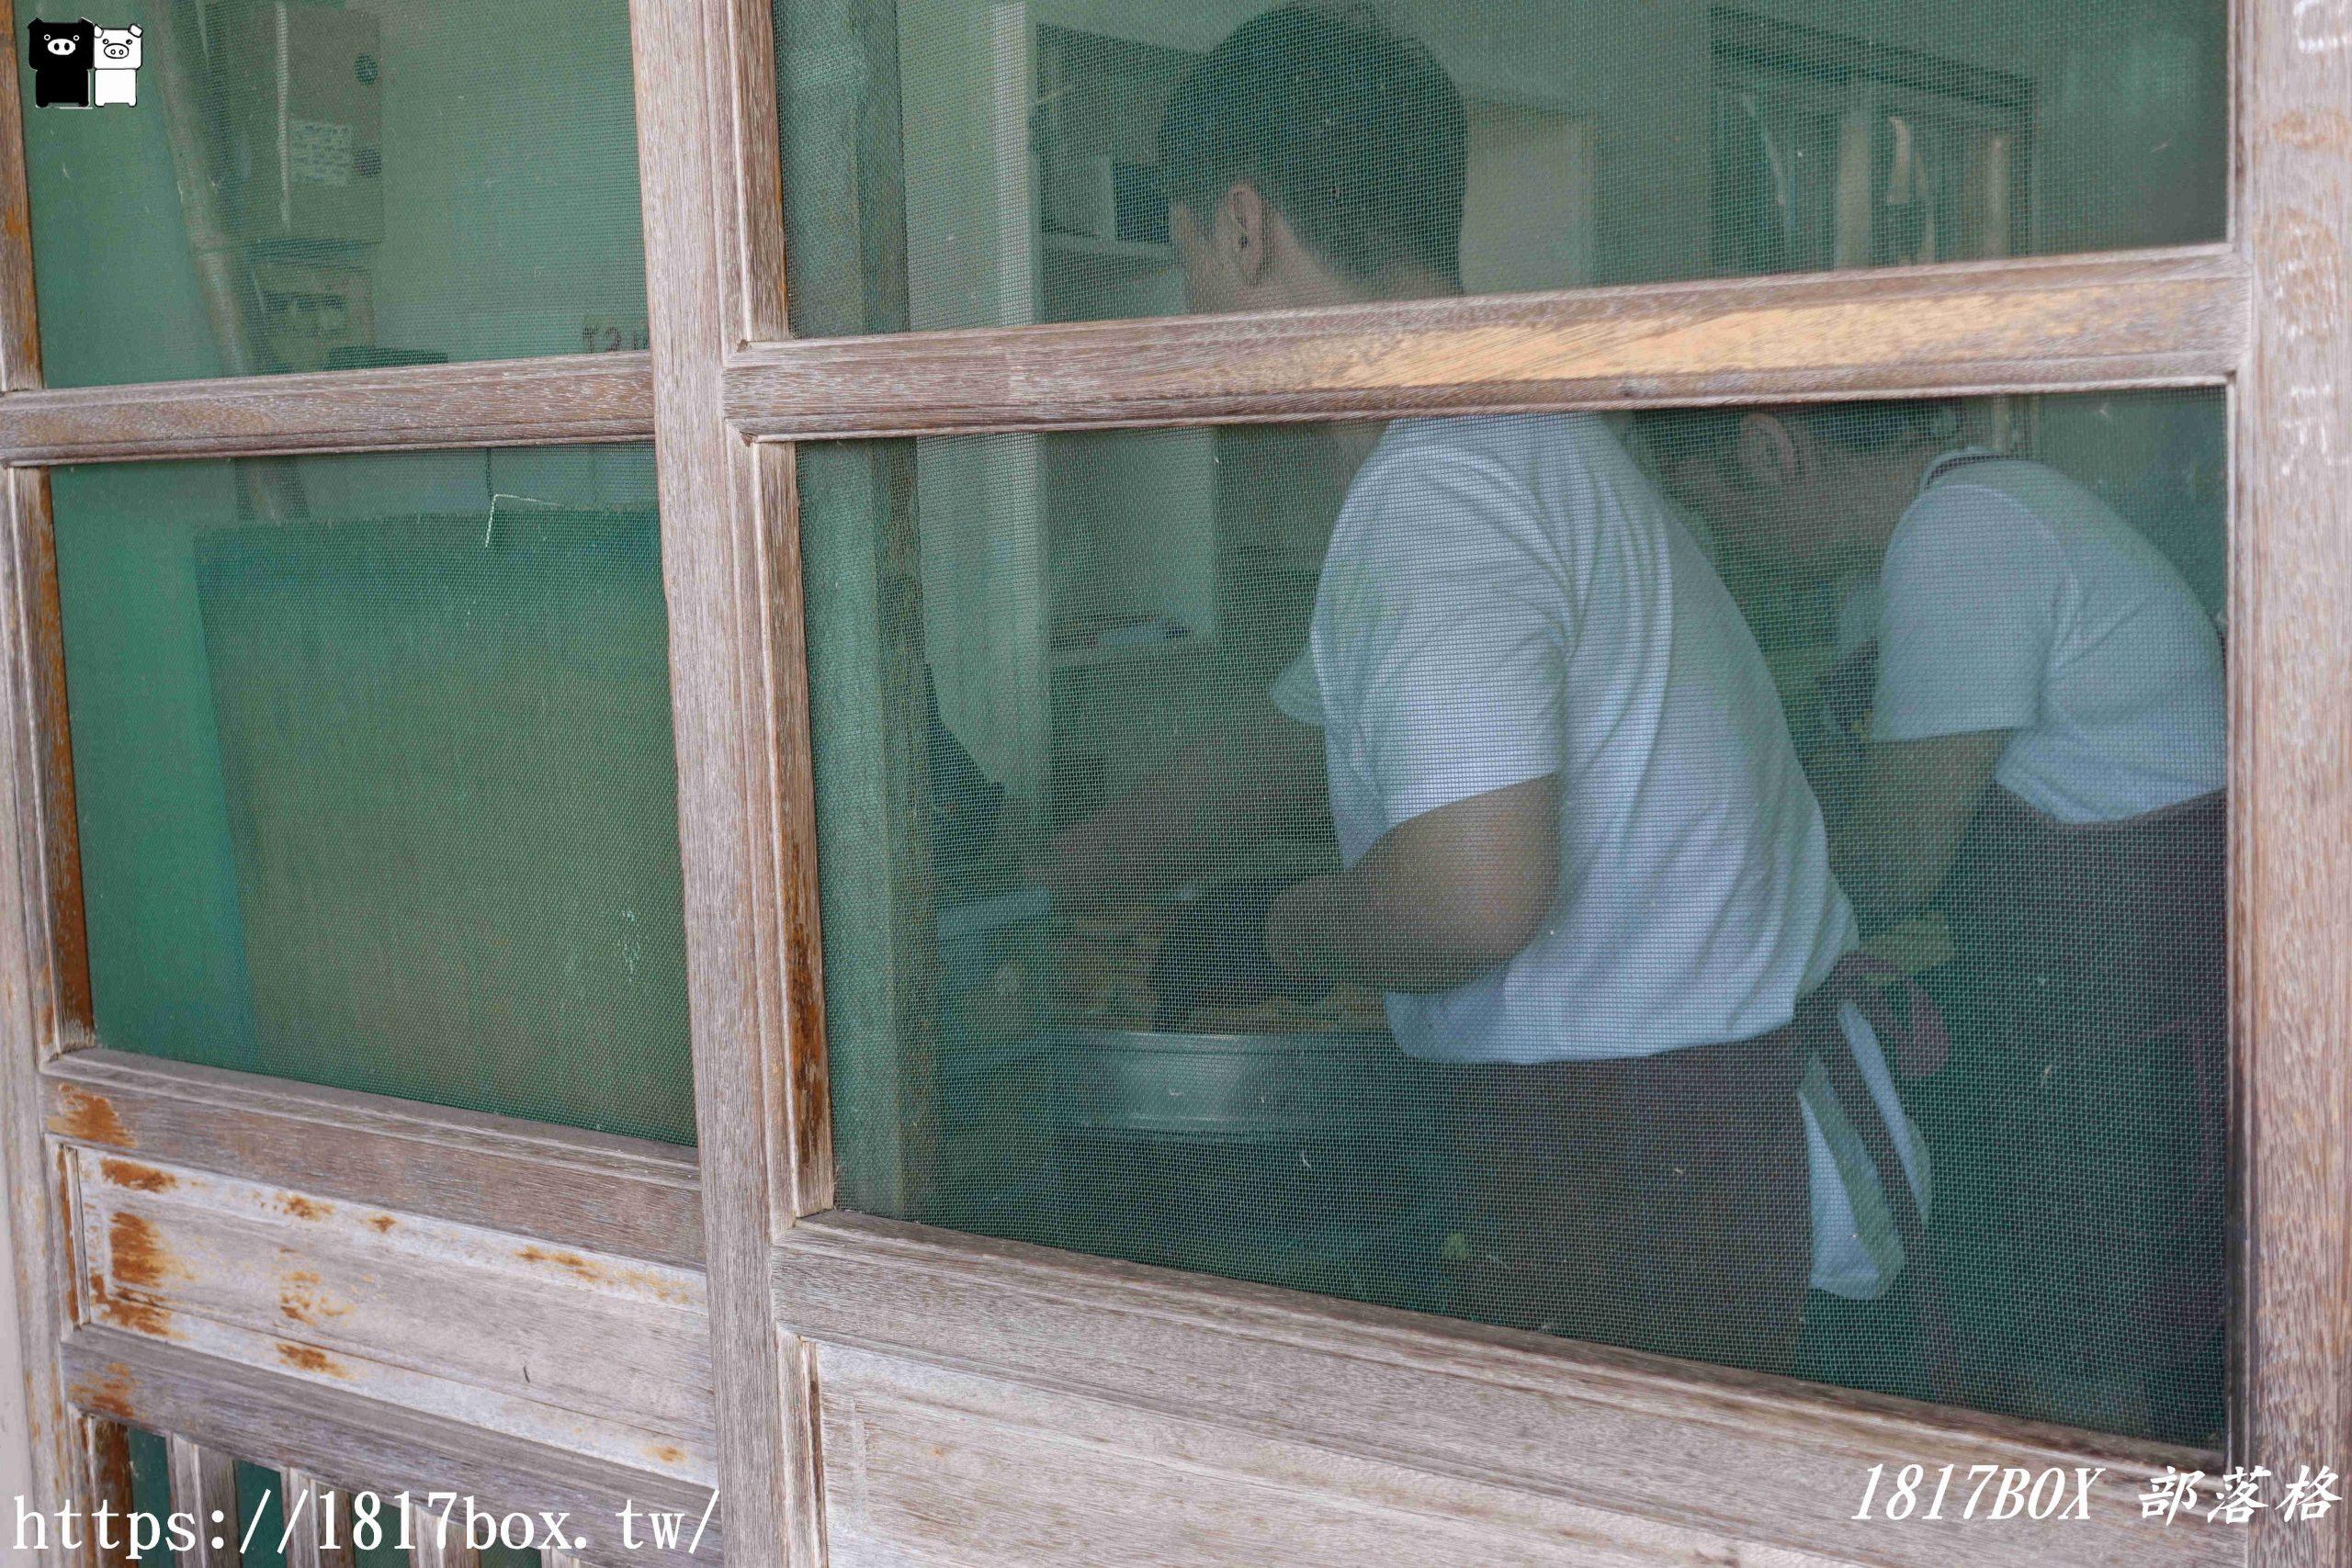 【彰化。鹿港】明豐珍兔仔寮牛舌餅。鹿港排隊美食伴手禮 @1817BOX部落格